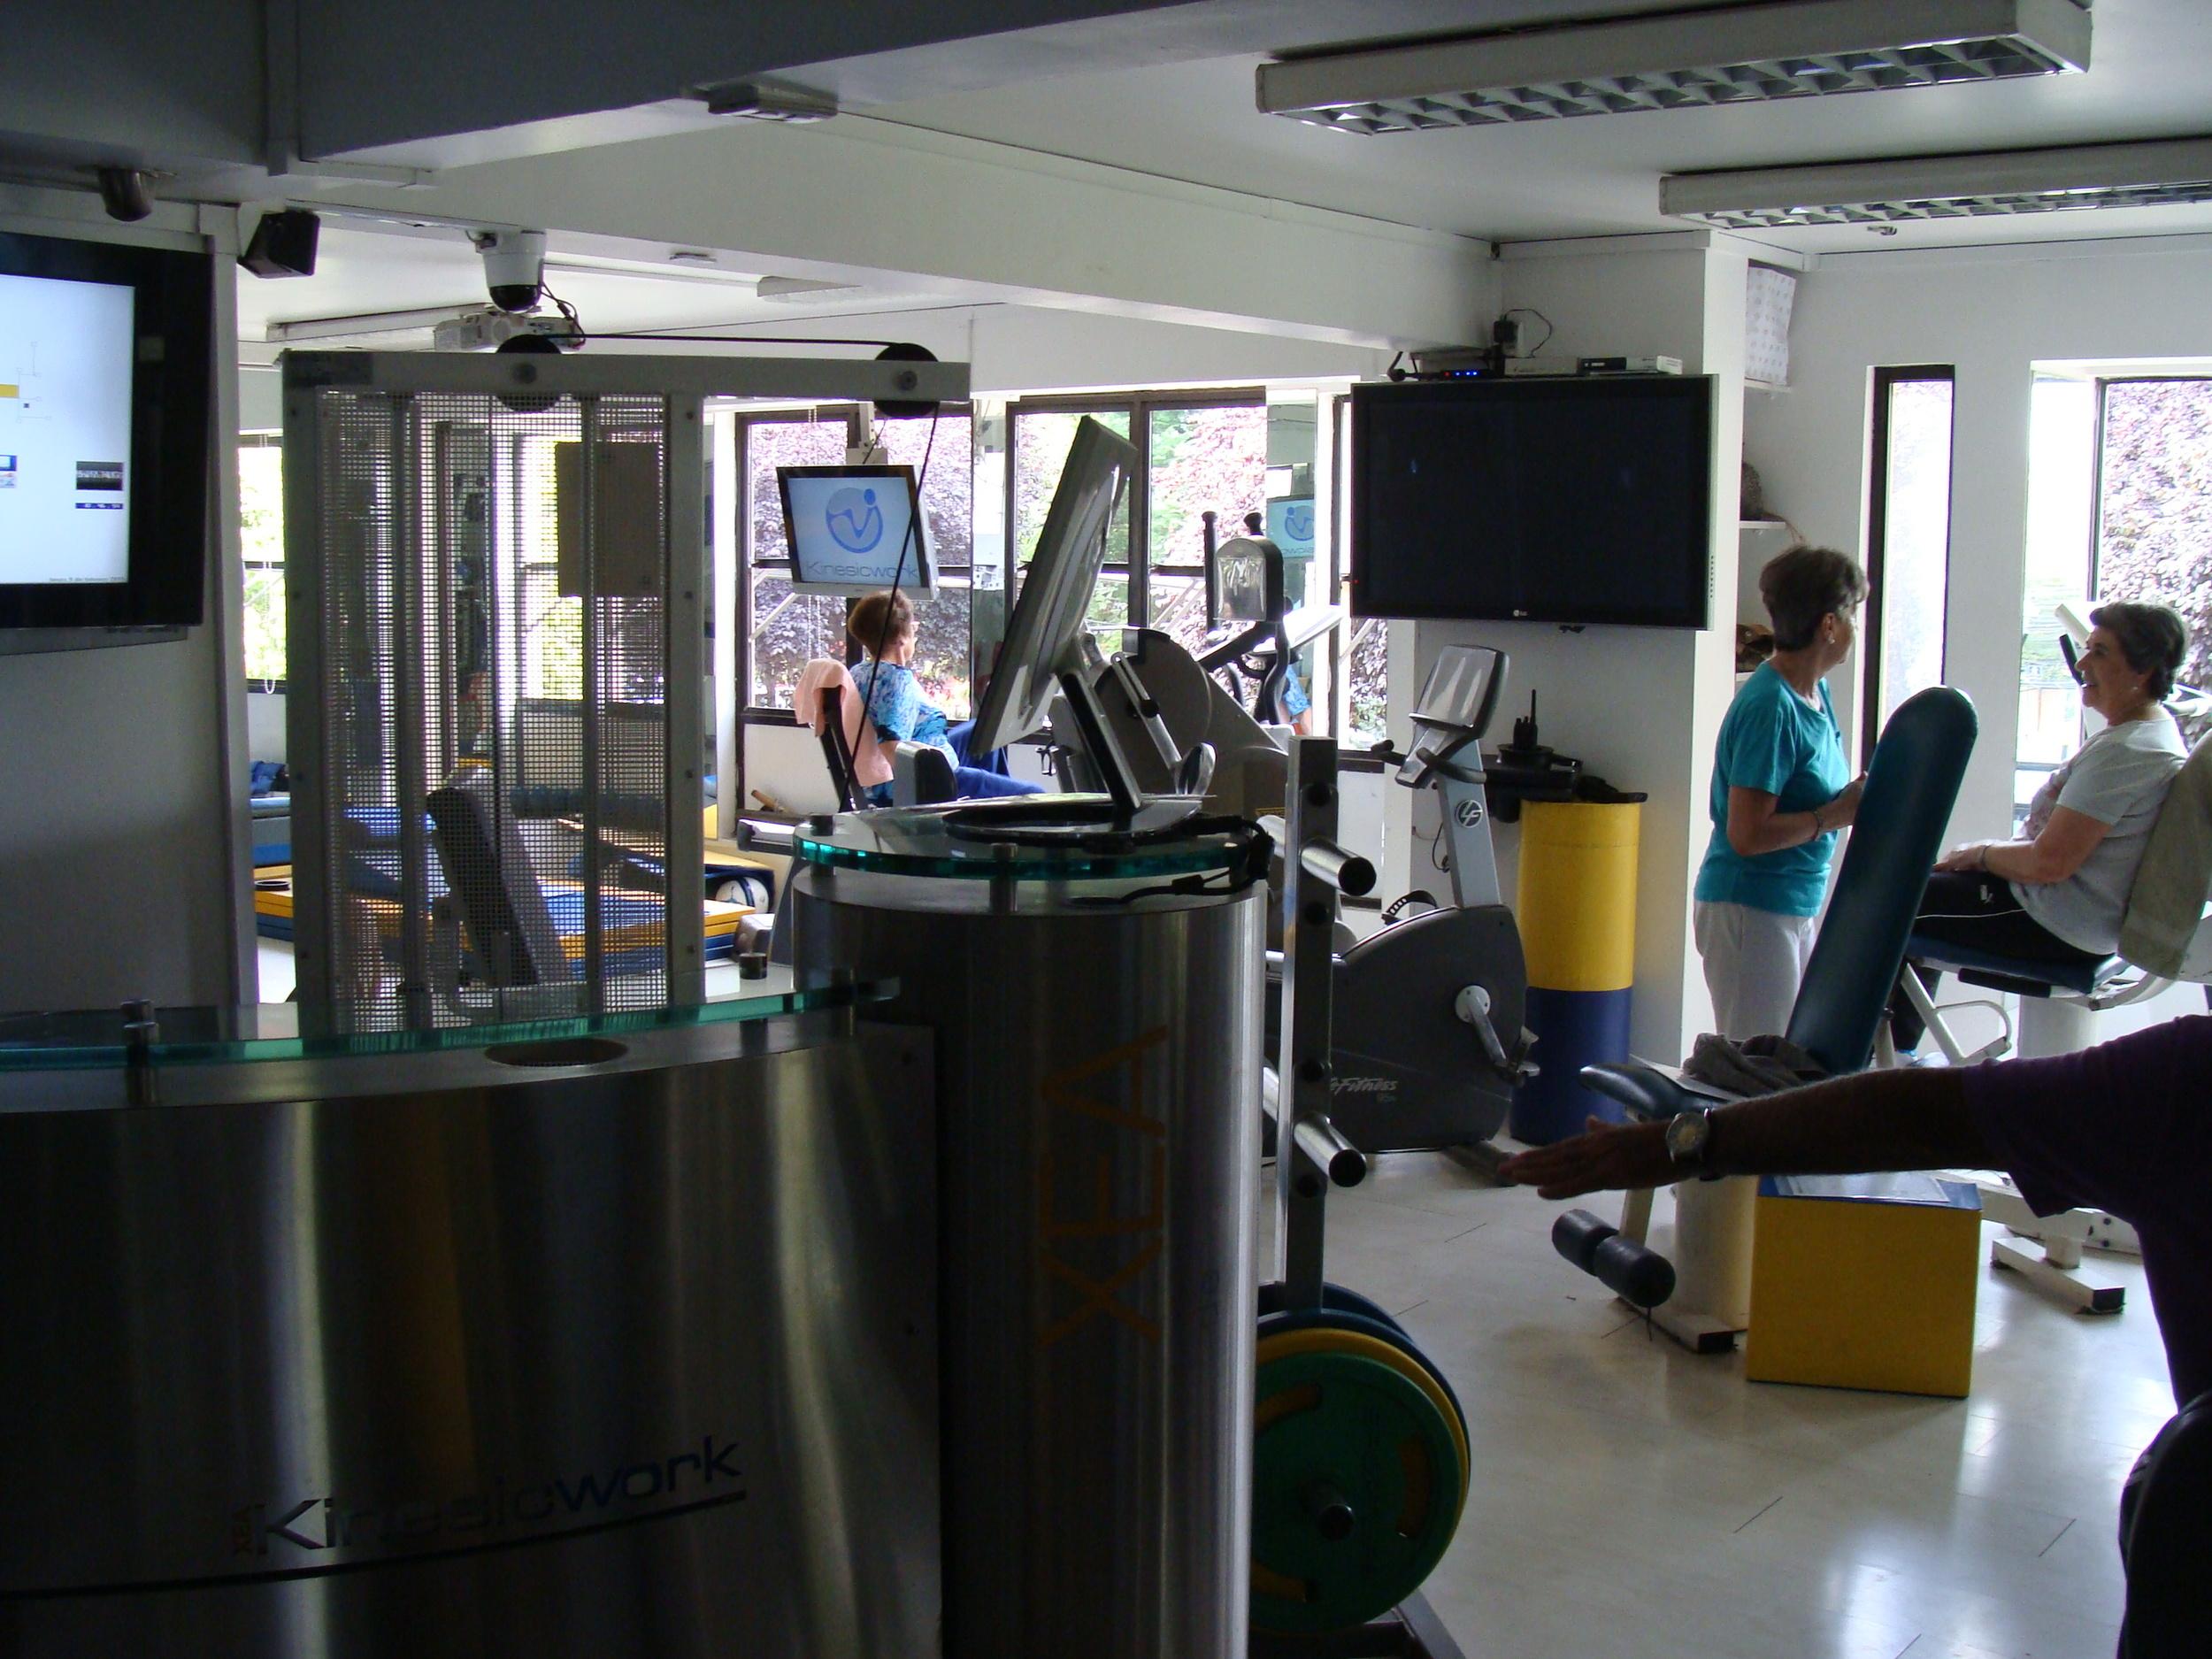 kinesiologia en clinica de ejercicio kw.JPG